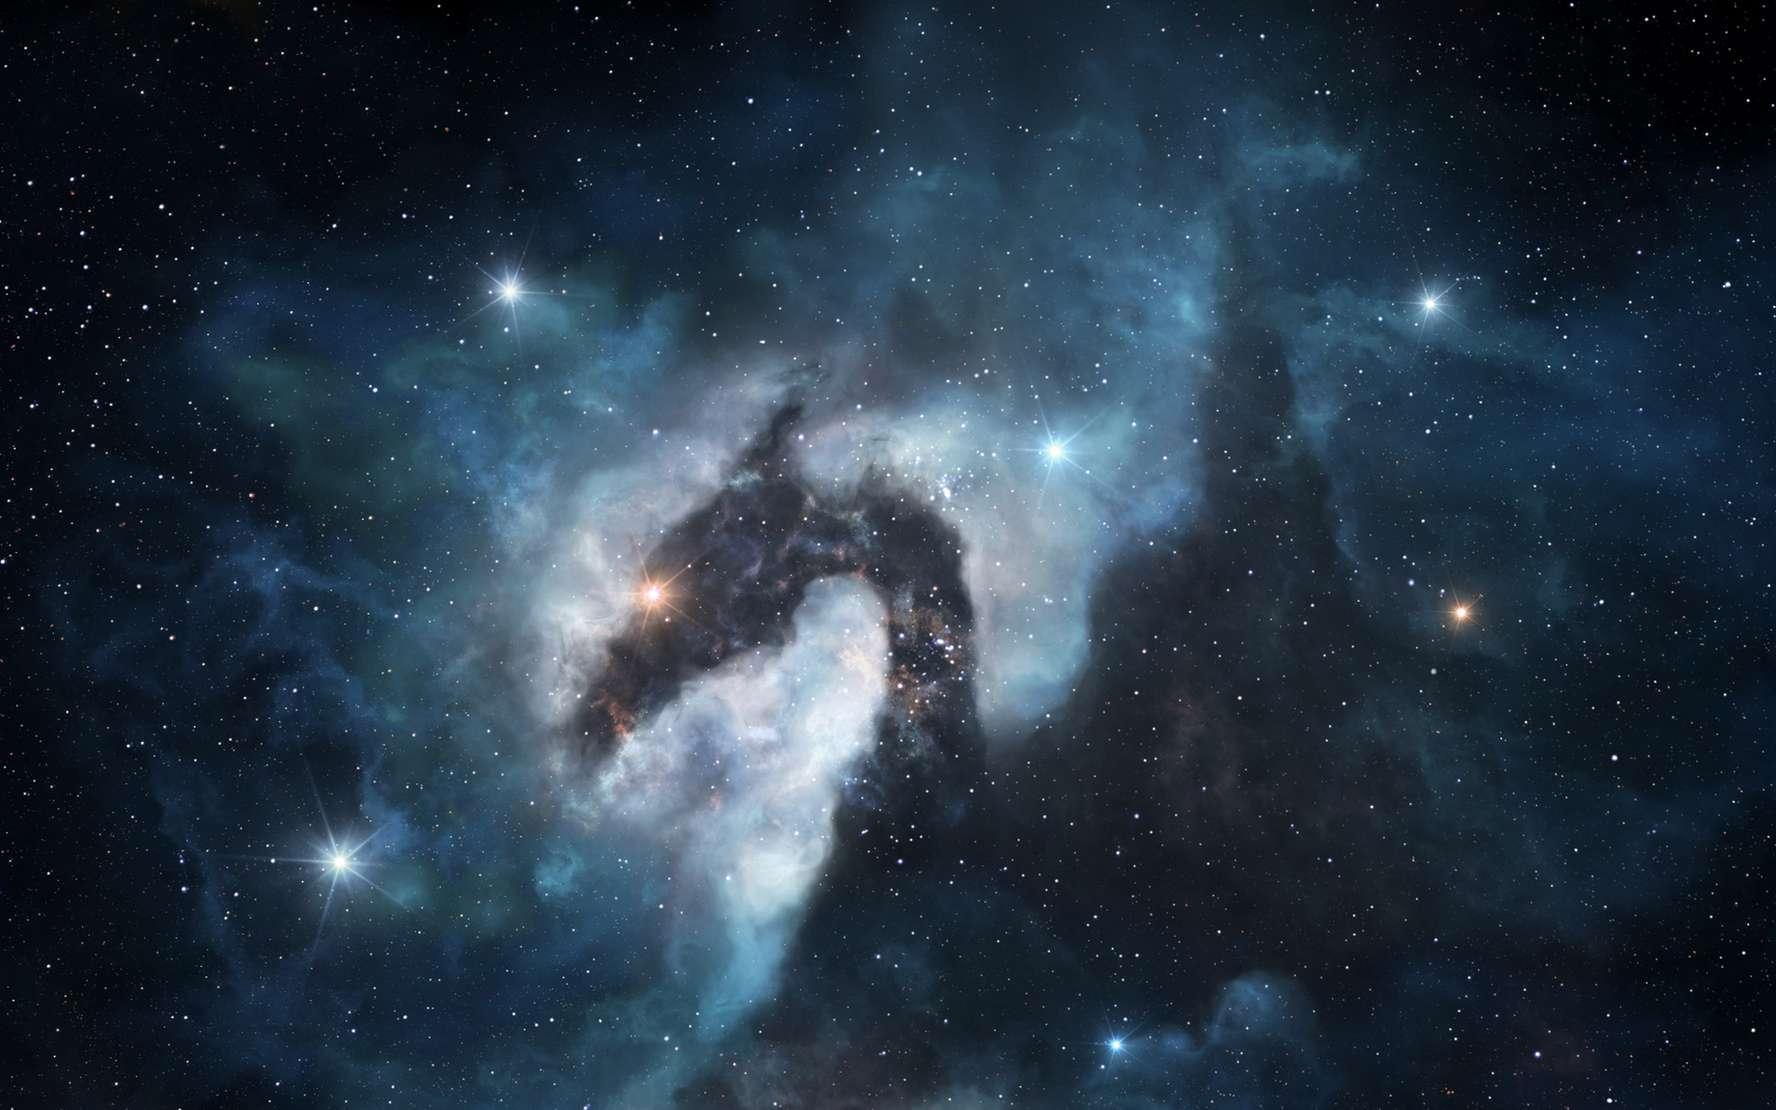 L'ombre du Dieu-Ver Leto s'étend sur l'Empire. Régnant depuis Dune, nul ne peut se cacher à sa vision omnisciente. ©Yuriy Mazur, Fotolia